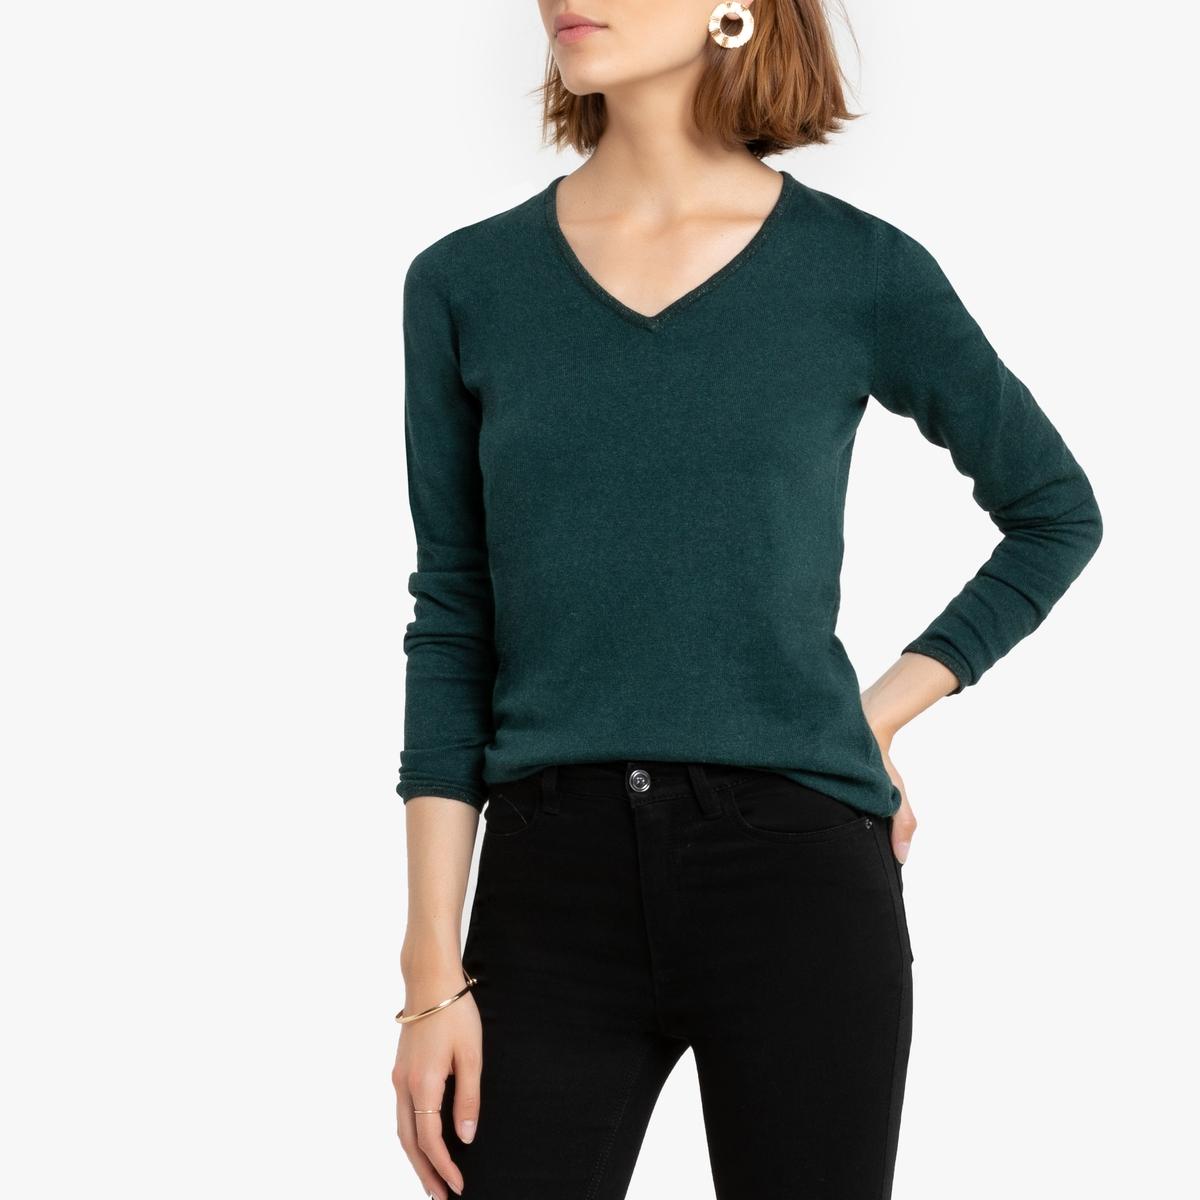 Пуловер La Redoute Кашемировый V-образный вырез логотип FREEMAN сзади XS зеленый